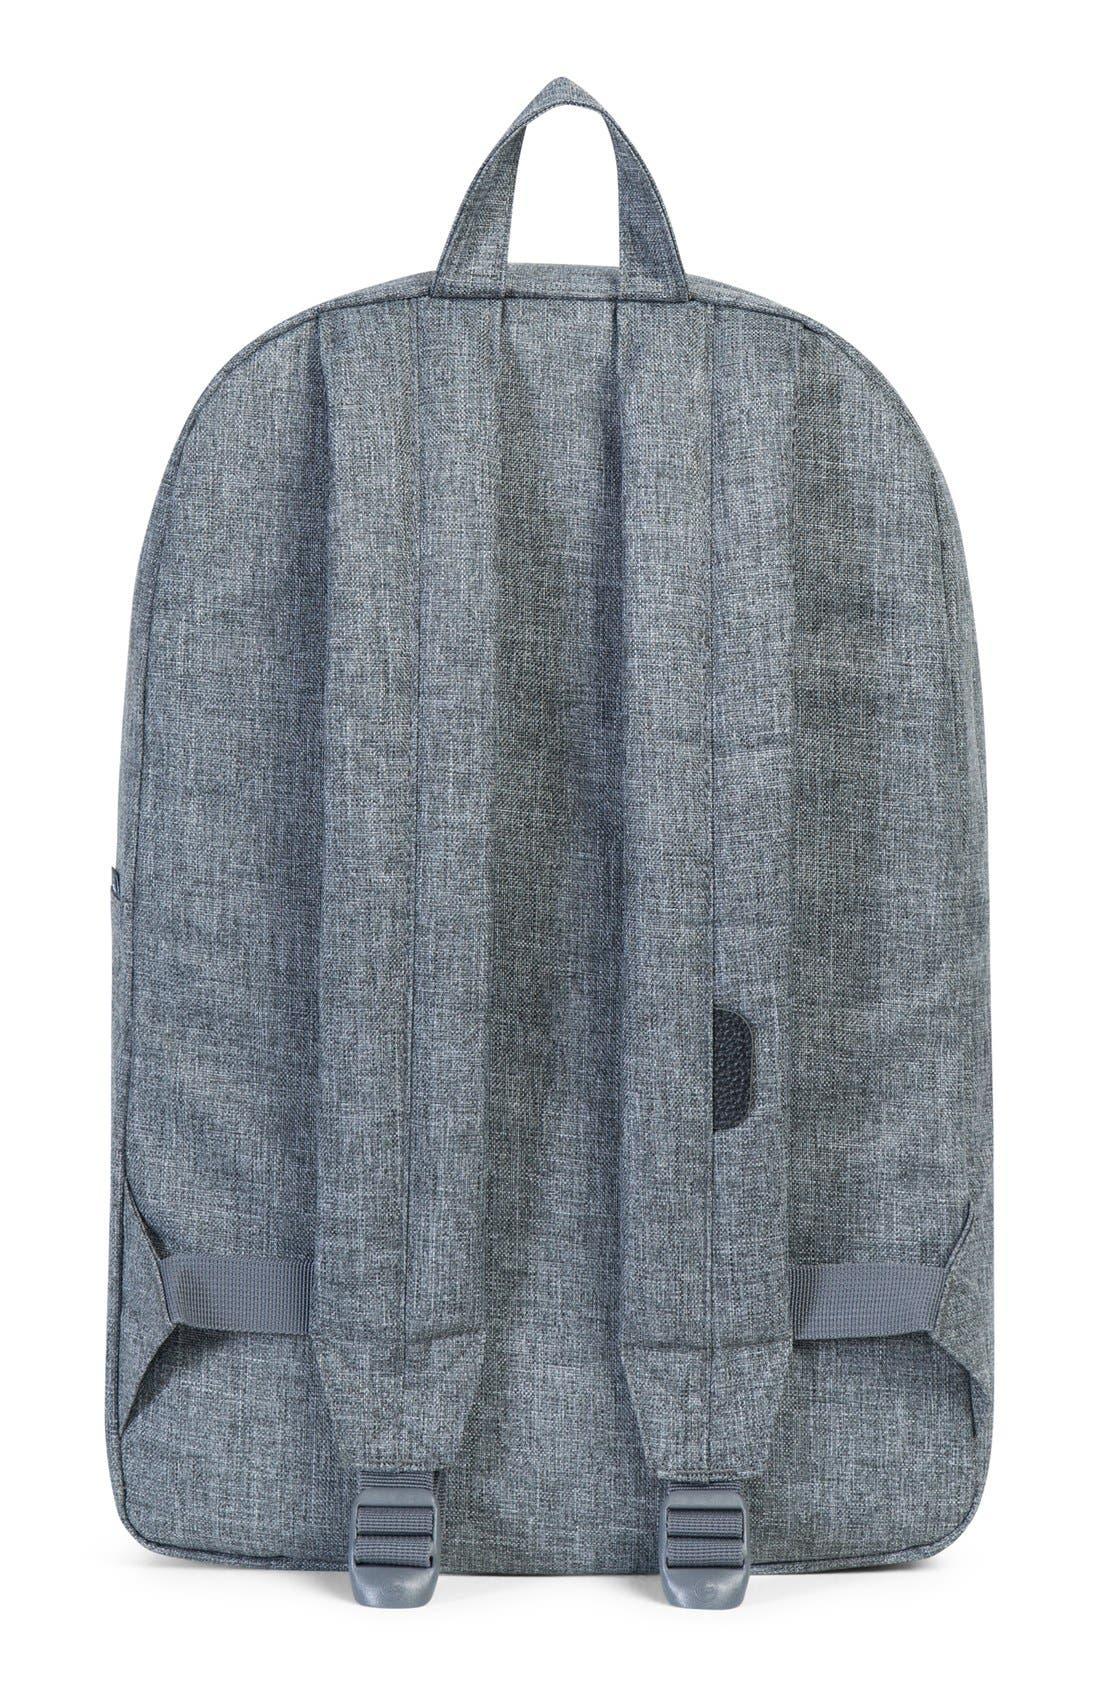 Heritage Backpack,                             Alternate thumbnail 8, color,                             RAVEN CROSSHATCH/ BLACK